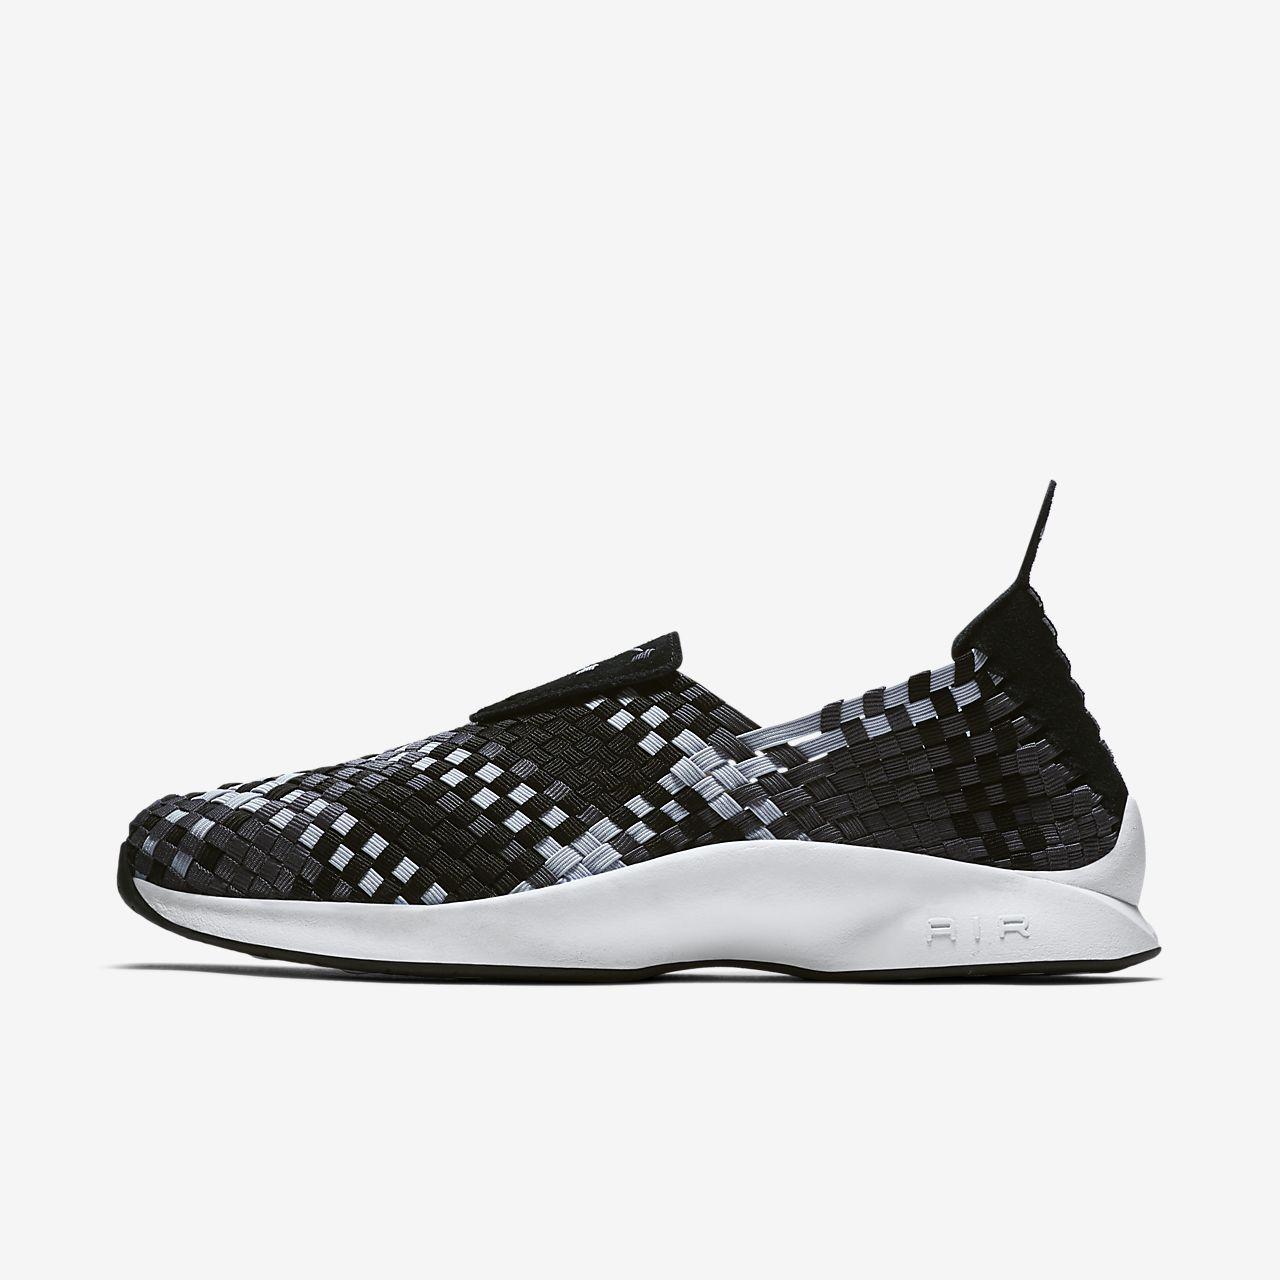 low priced 57e2b fcacf Nike Ca Woven Air Chaussure Pour Homme gwdTWTqZc